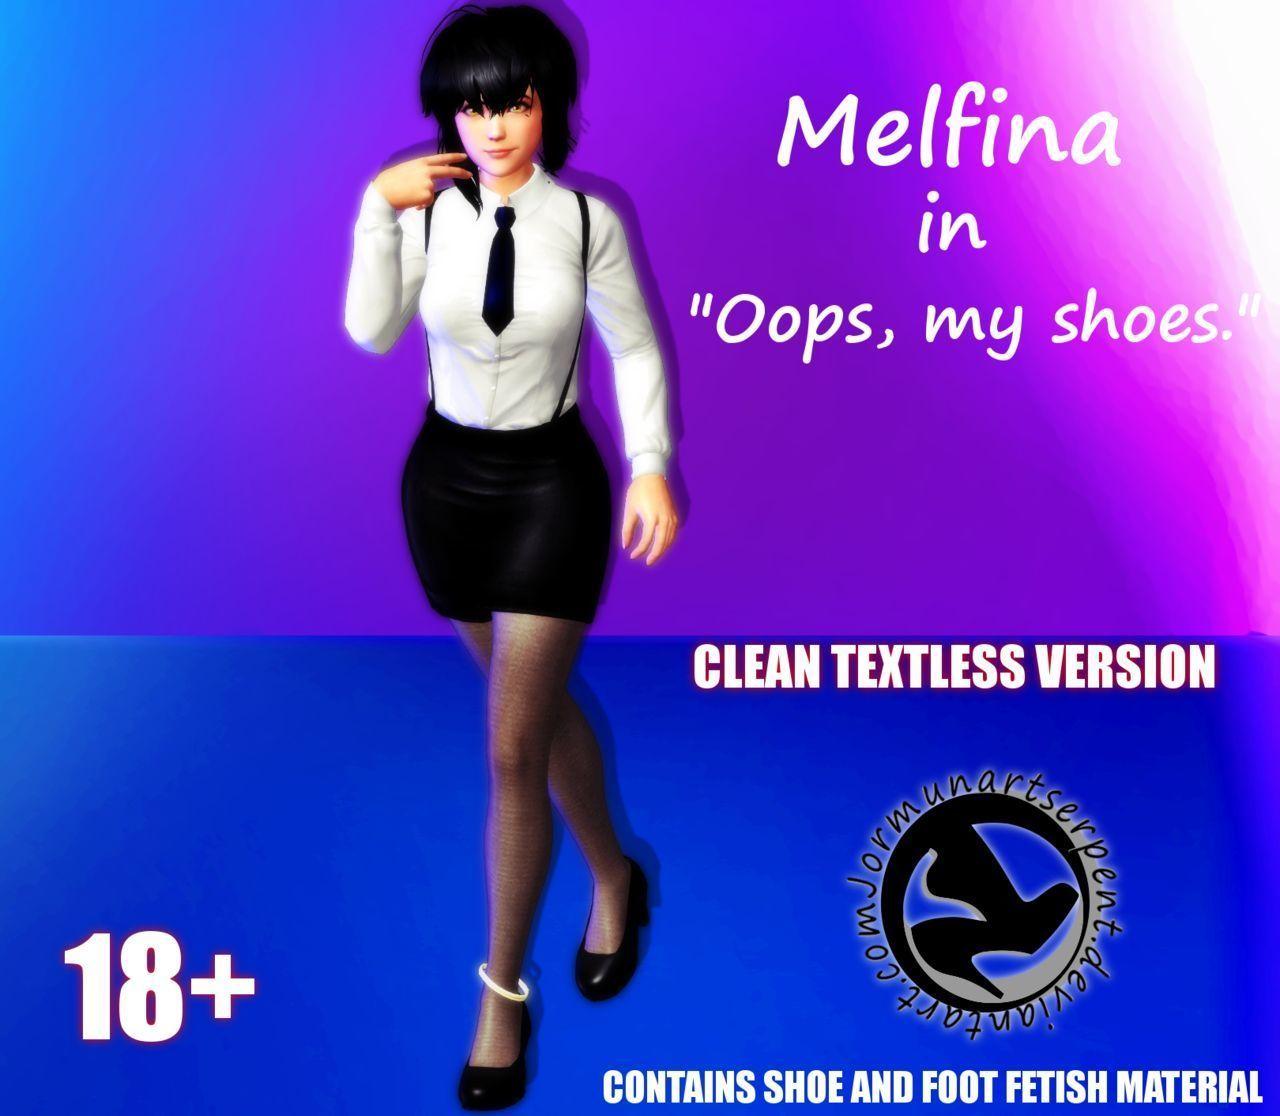 Melfina in